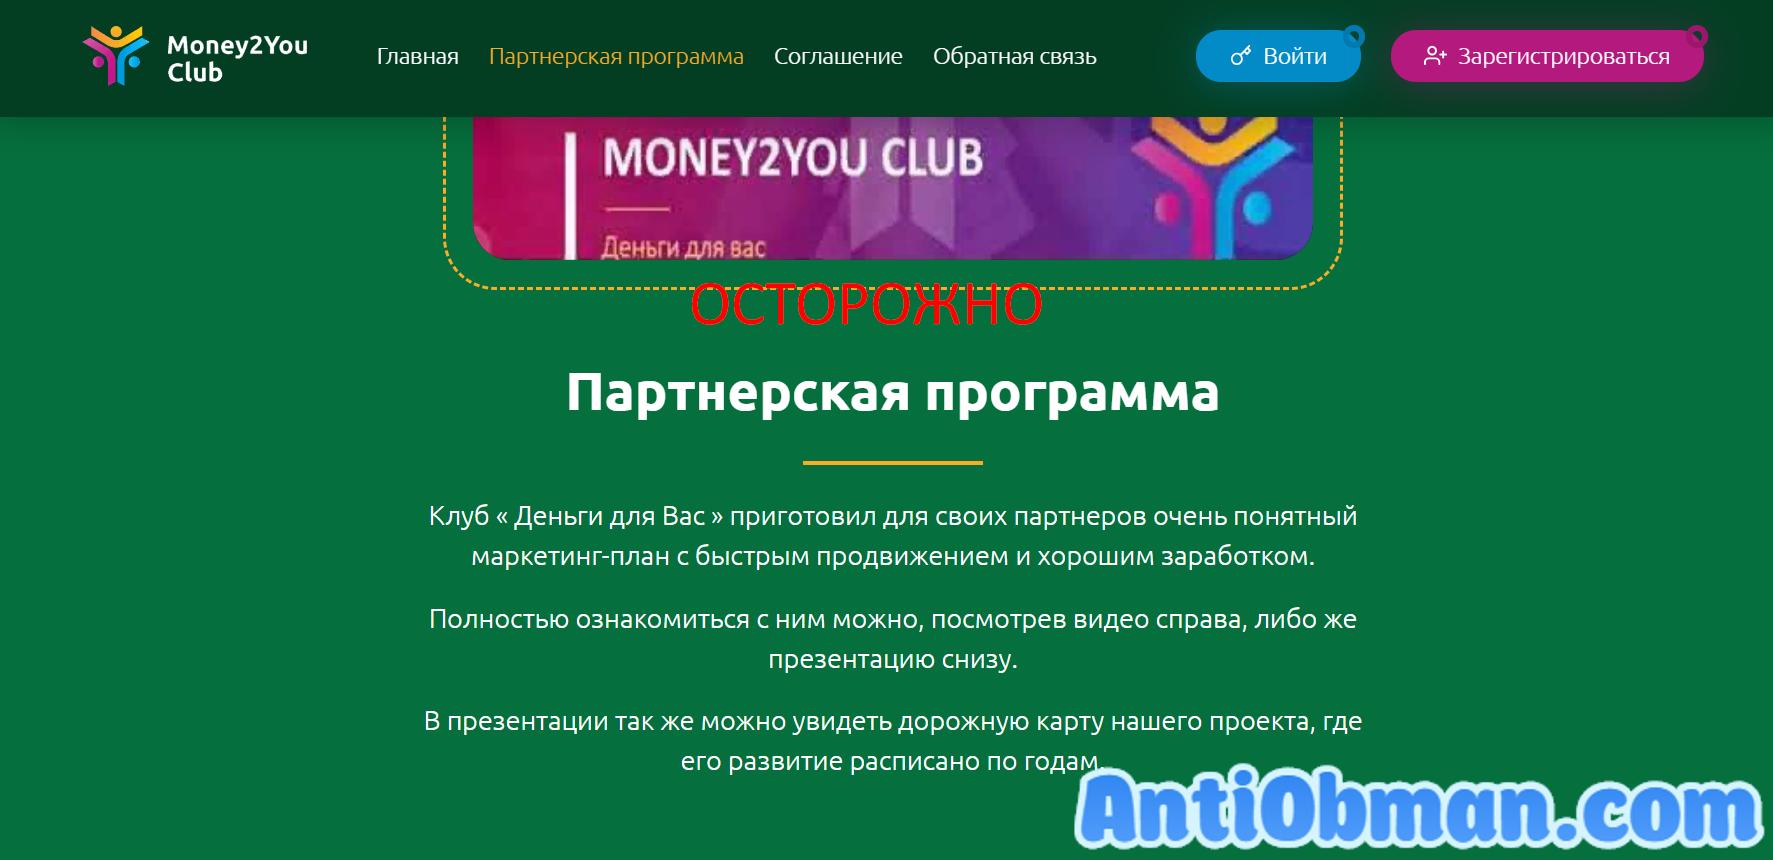 Money2You (money2you.club) - отзывы, обзор и маркетинг